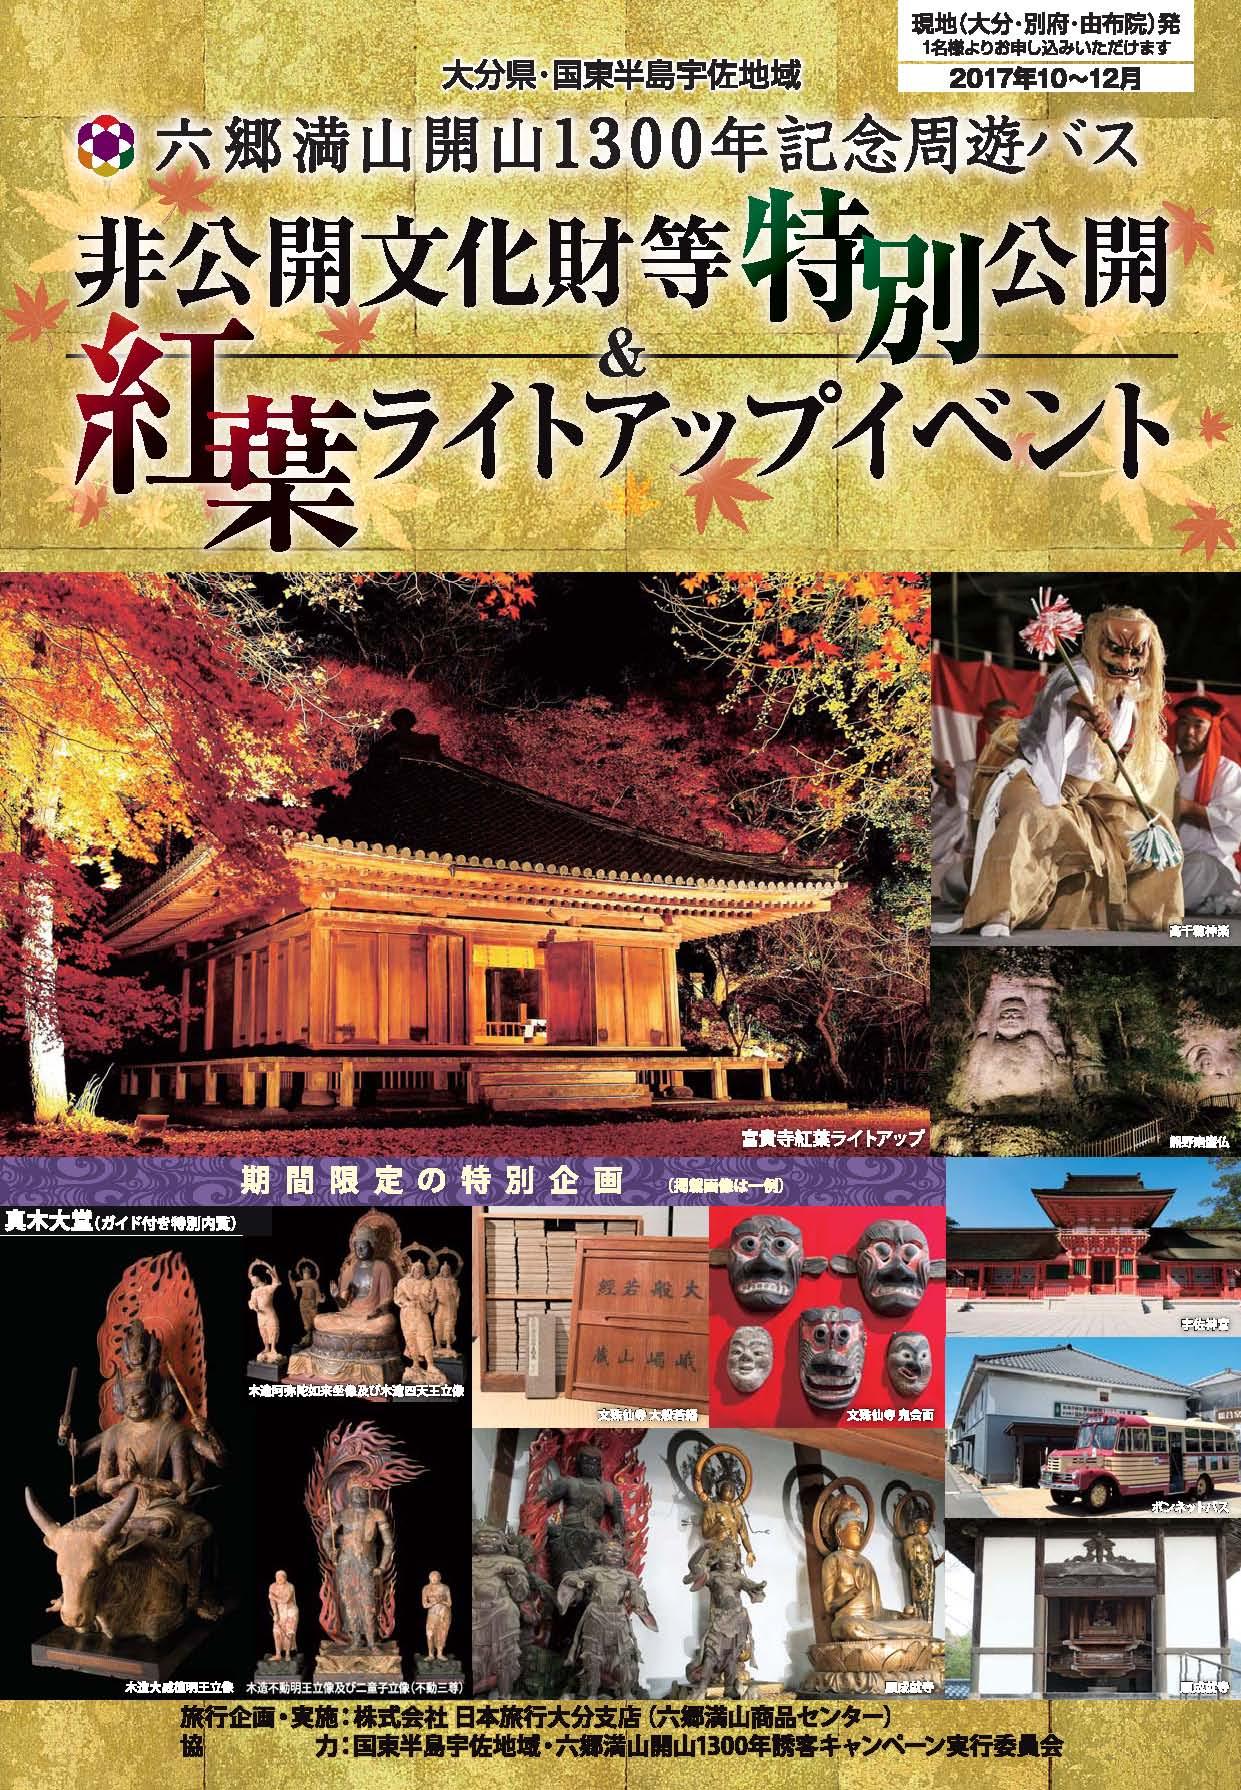 六郷満山モニターツアー